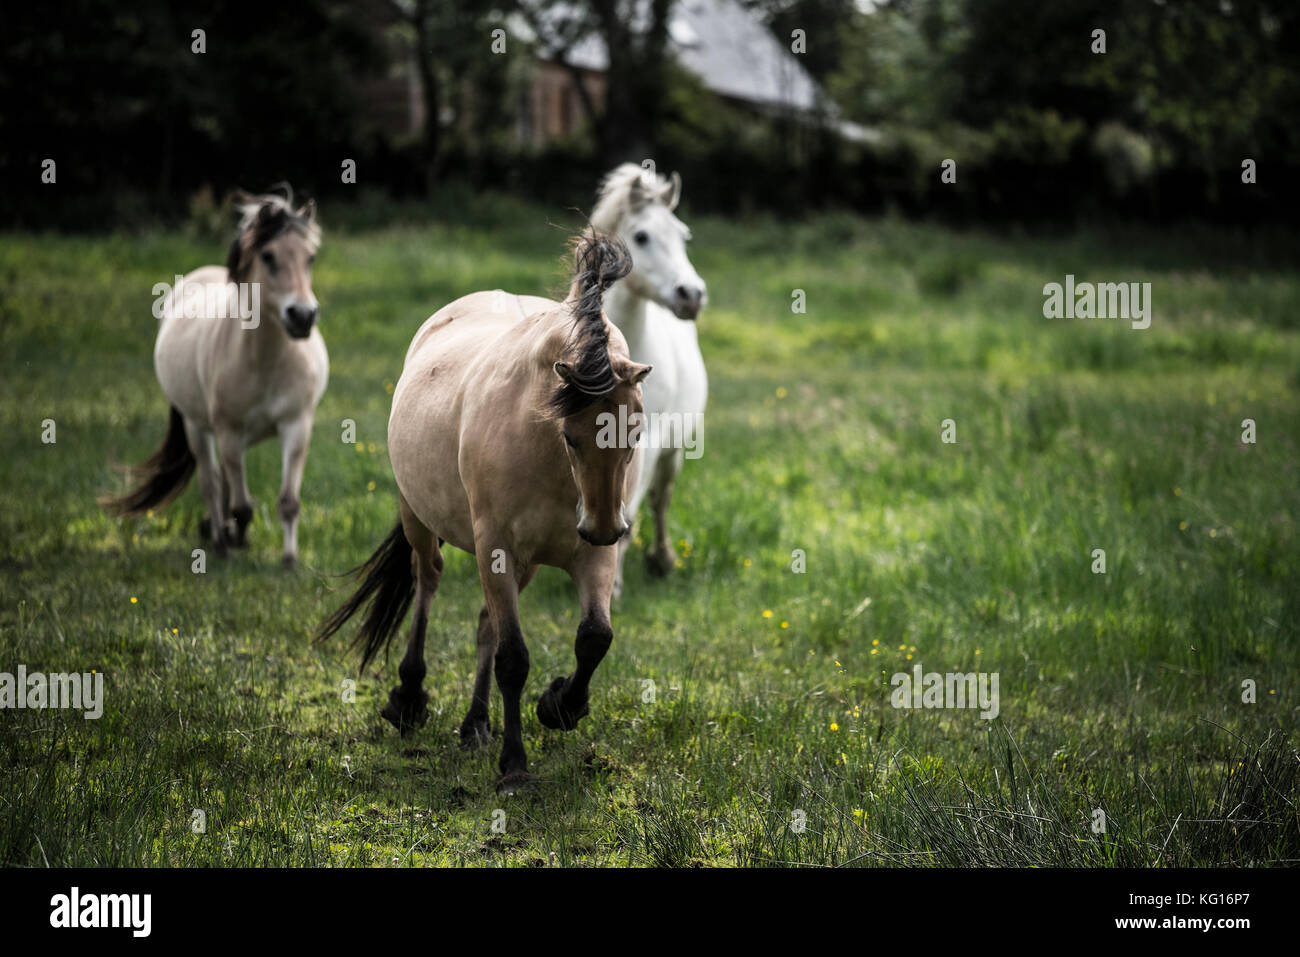 Cavalli in esecuzione insieme alla velocità nella campagna francese Immagini Stock